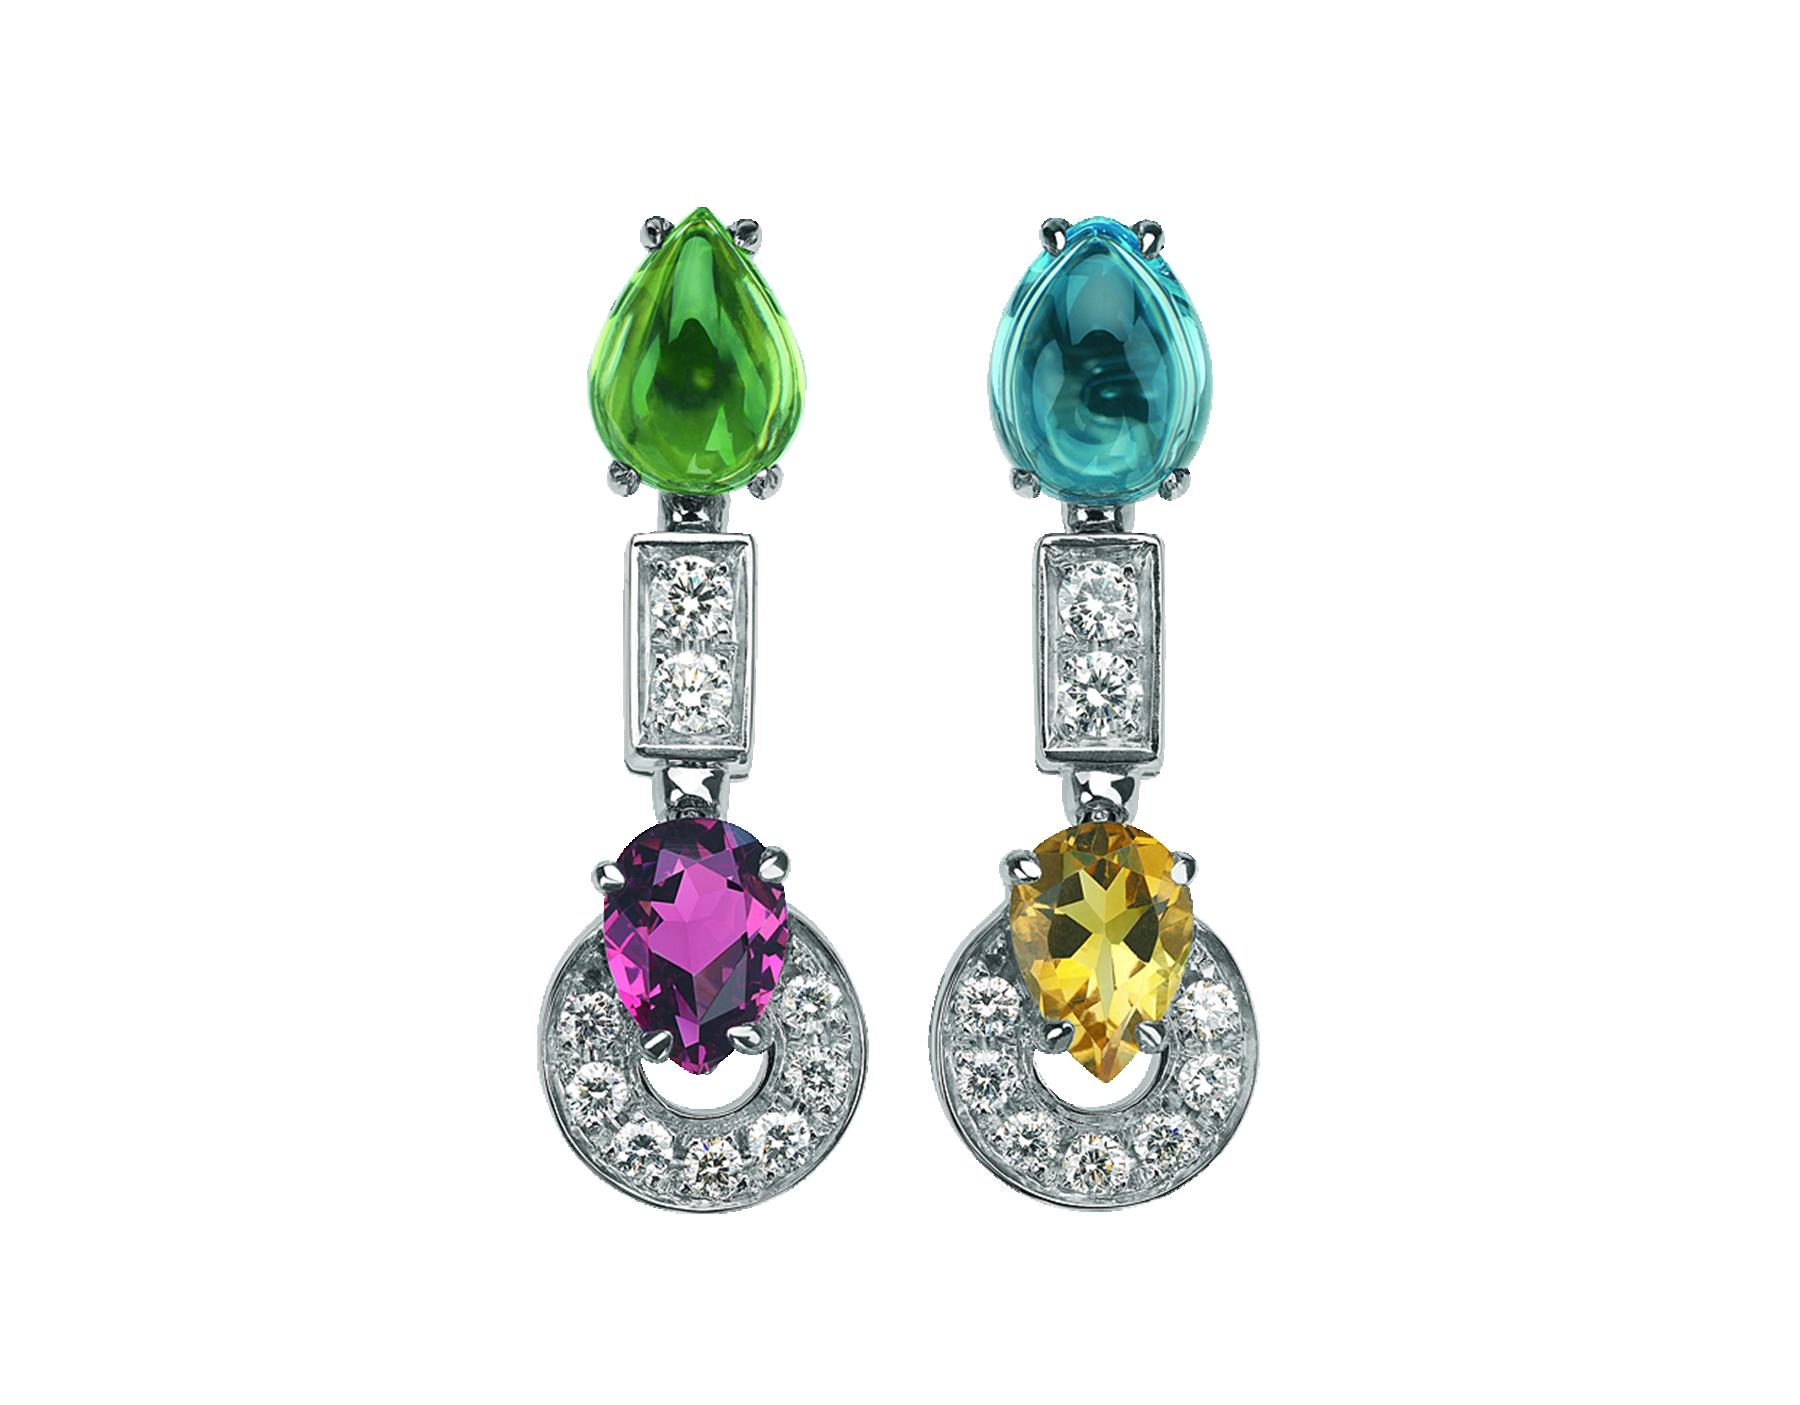 Pendientes Allegra cortos con colgante en oro blanco de 18 qt con peridoto, granate rodolita, cuarzo citrino, topacio azul y pavé de diamantes. 339610 image 1